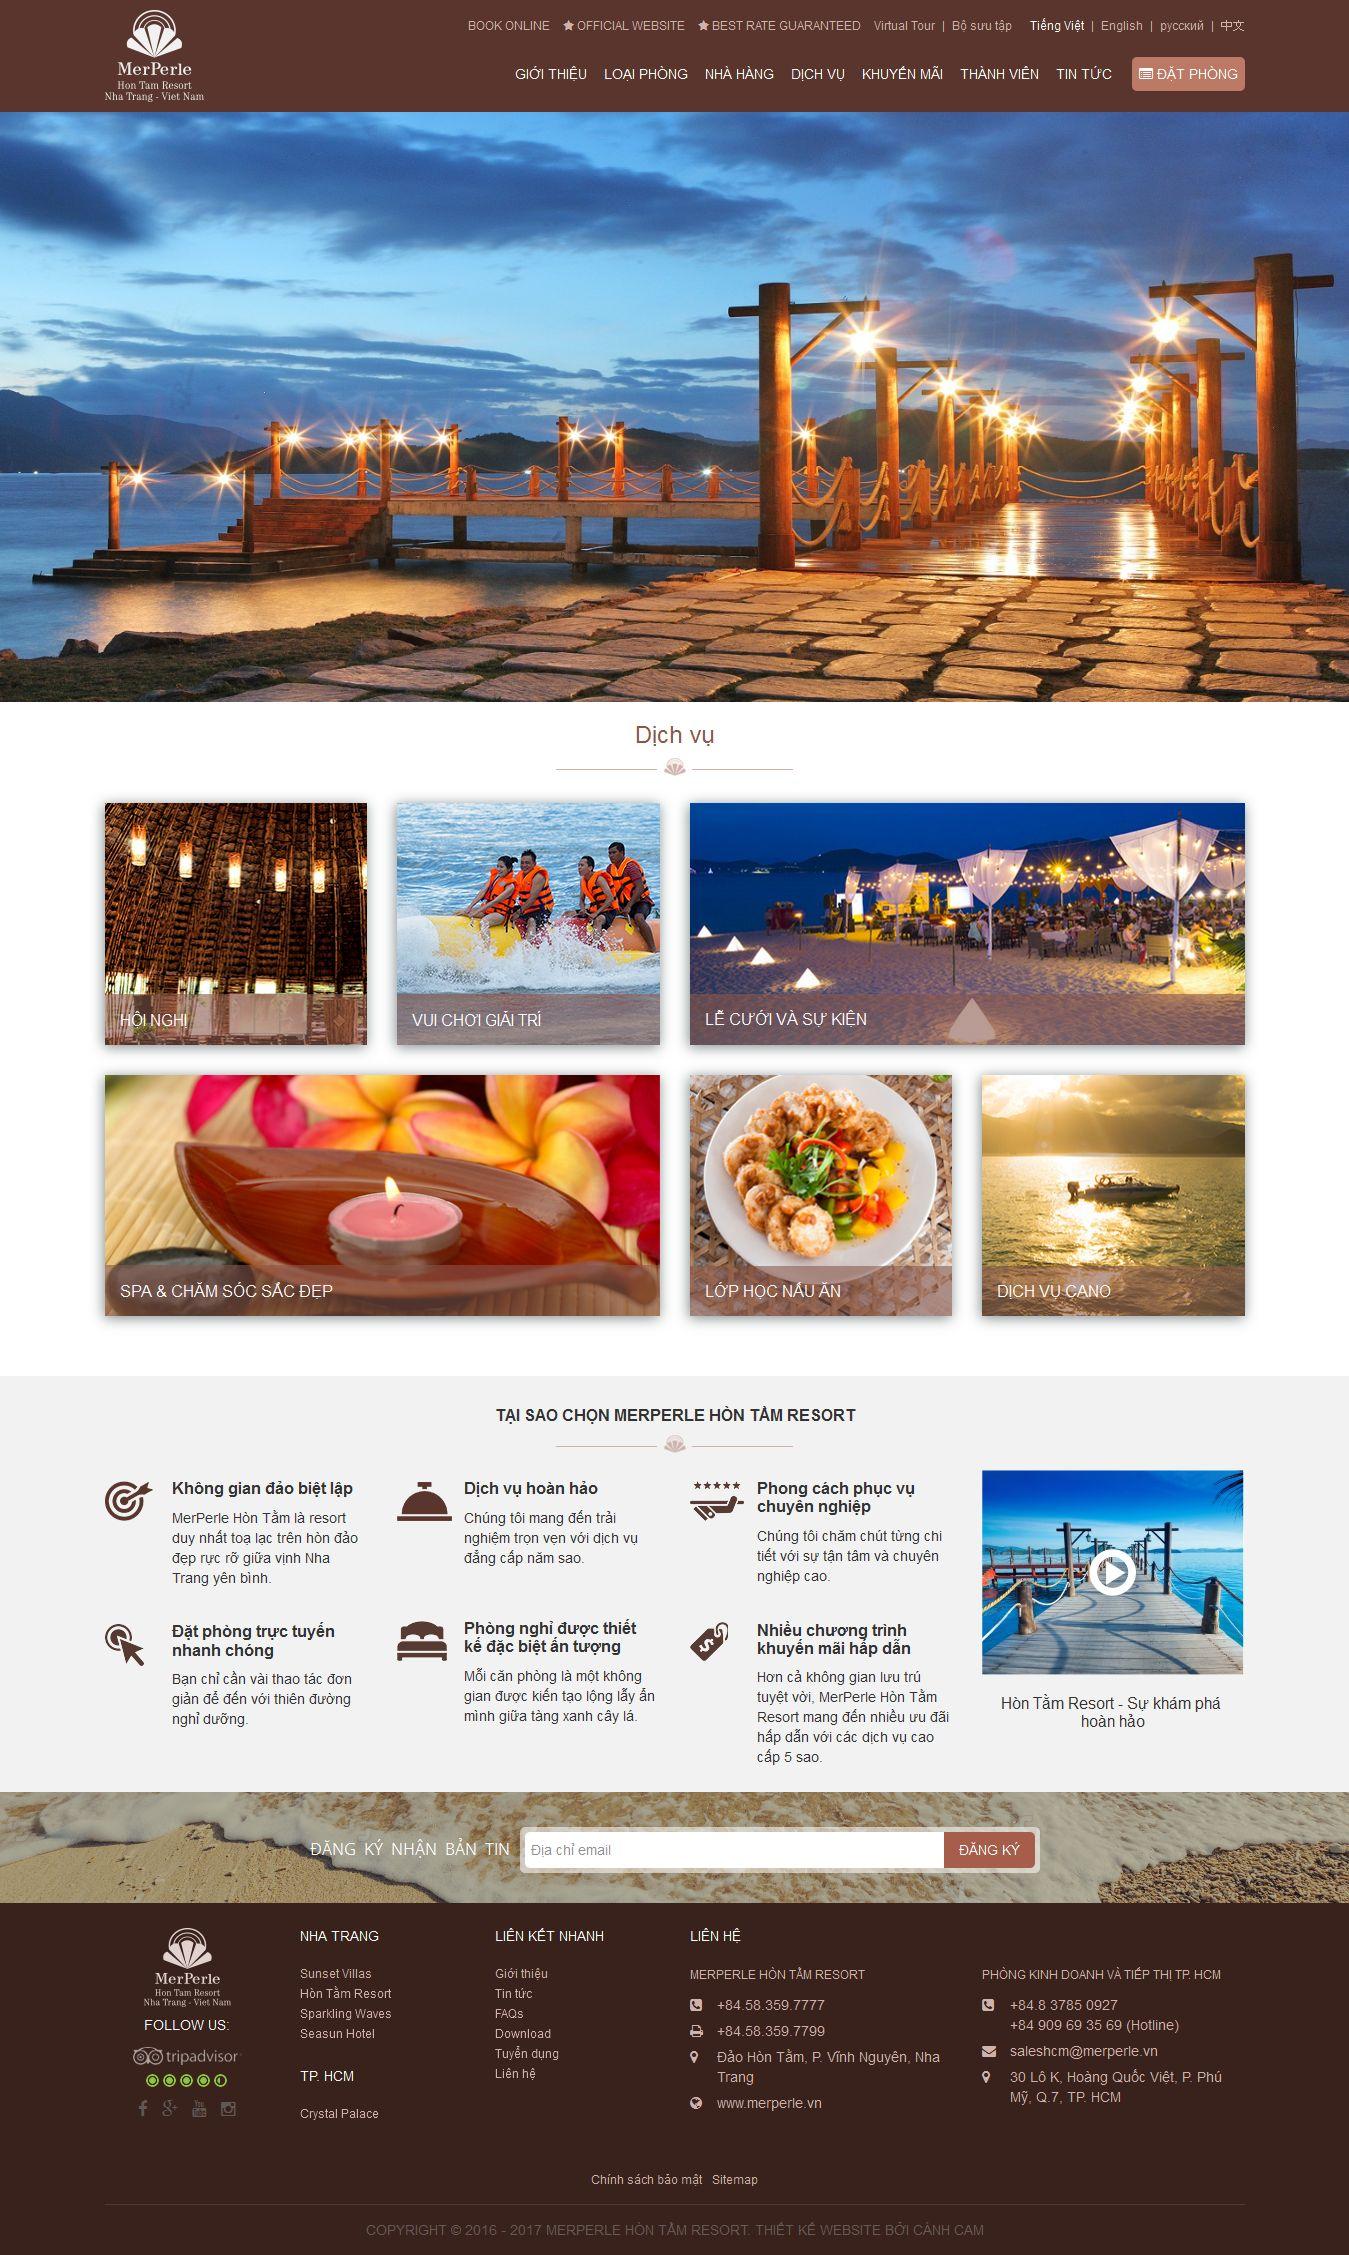 Mẫu website nhà hàng khách sạn 10443